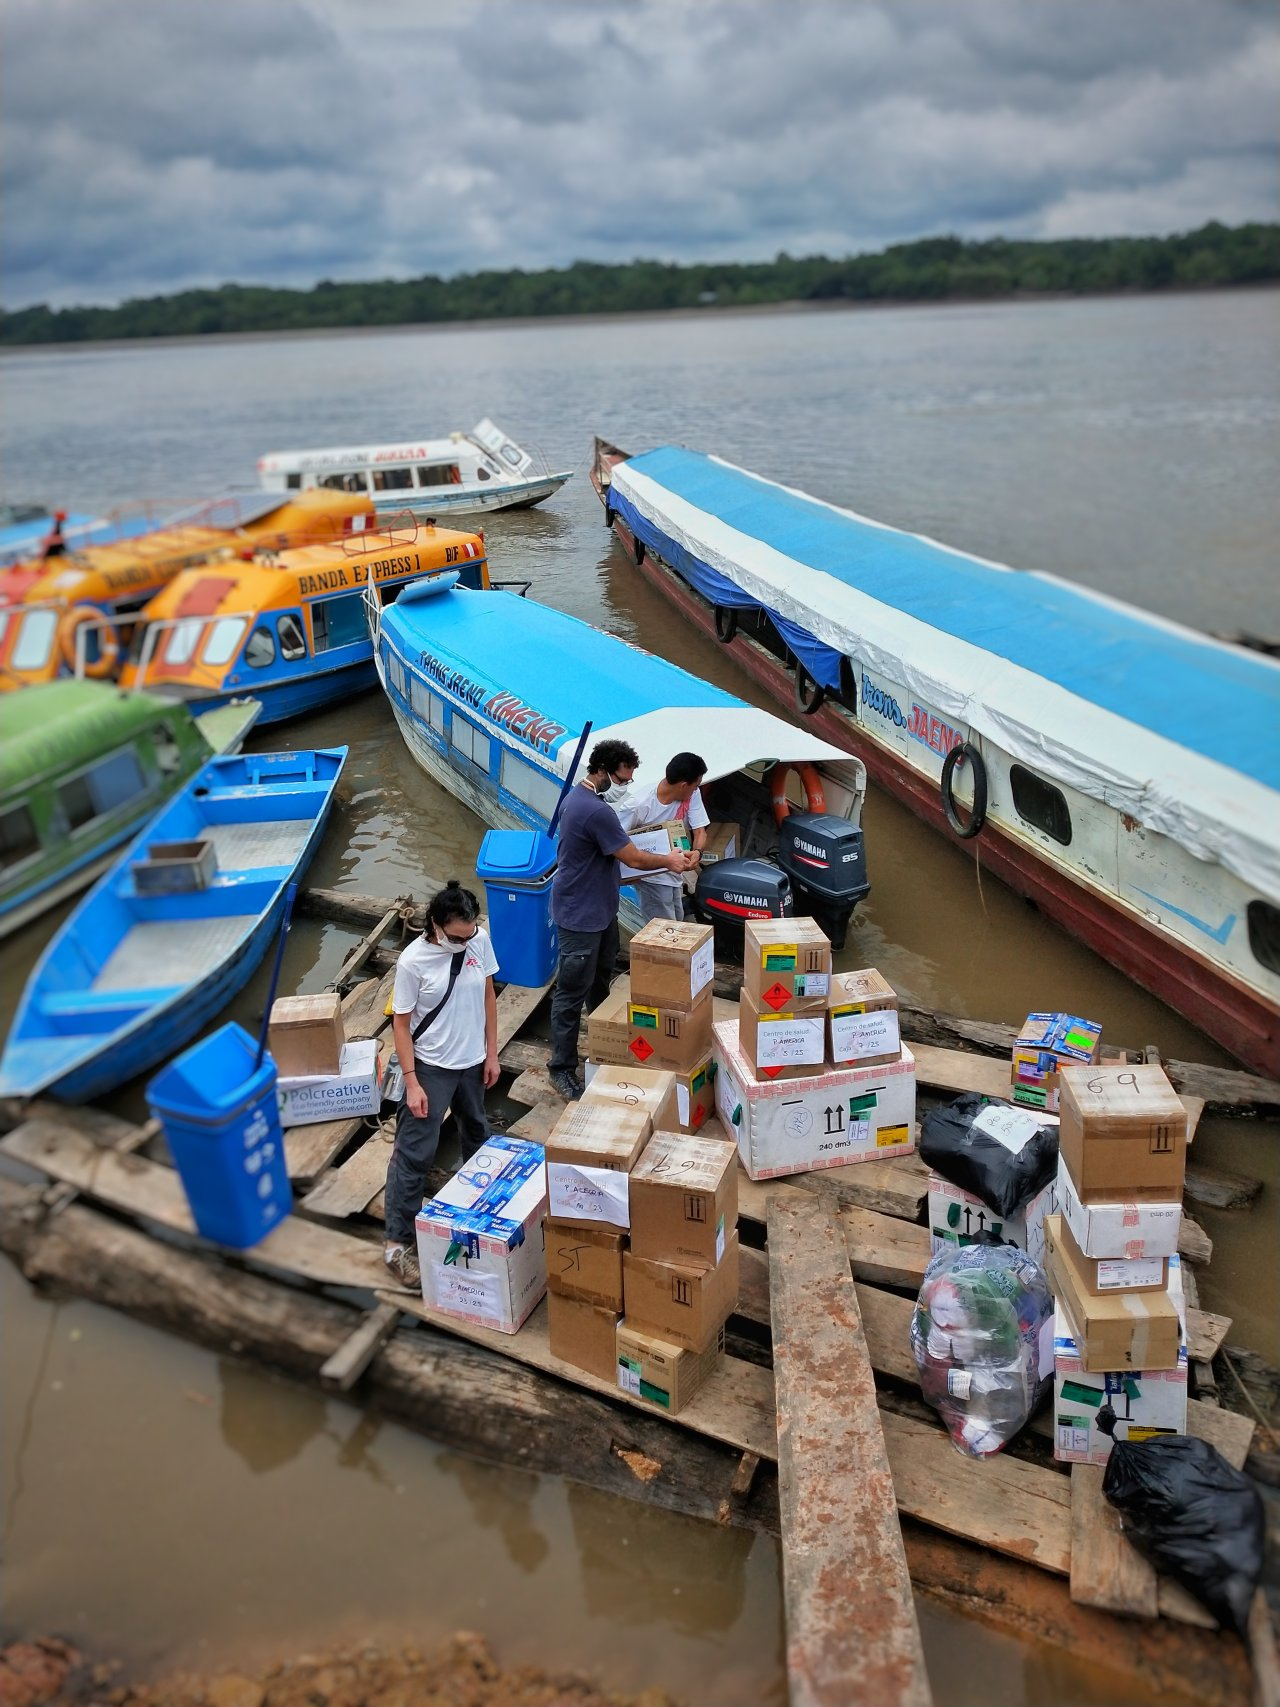 Déchargement du matériel des bateaux.